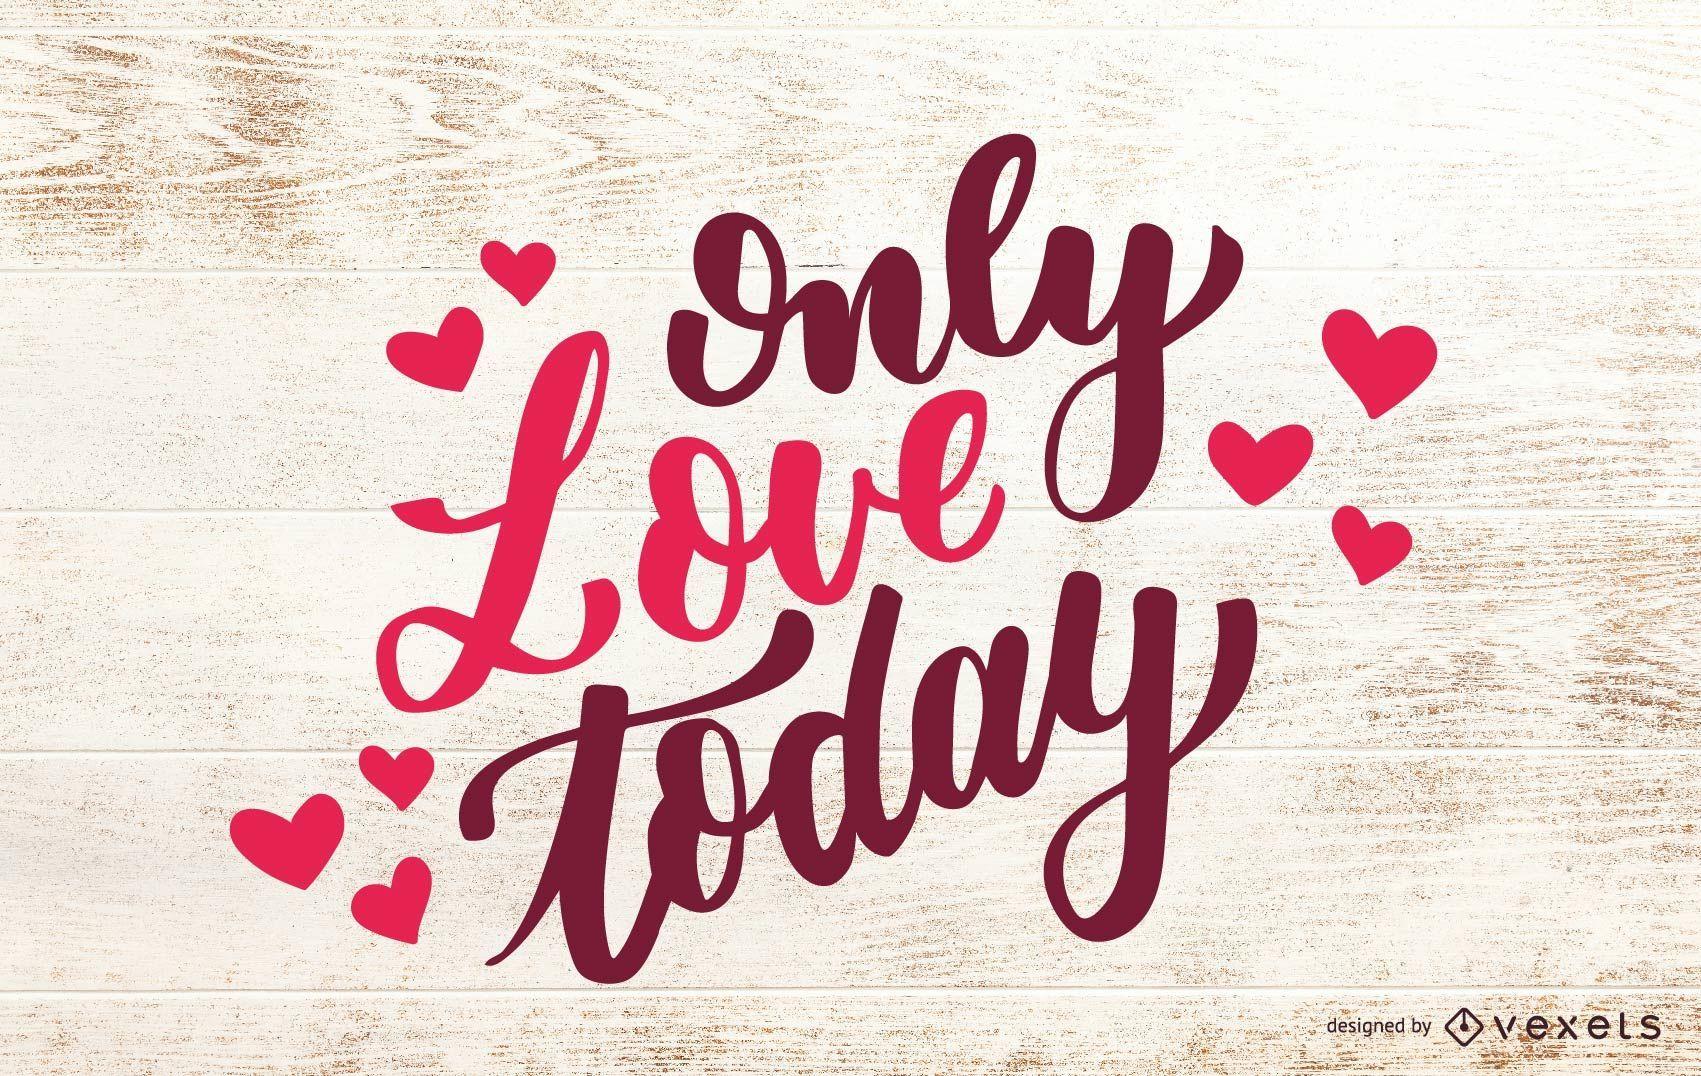 Solo amor hoy diseño de letras